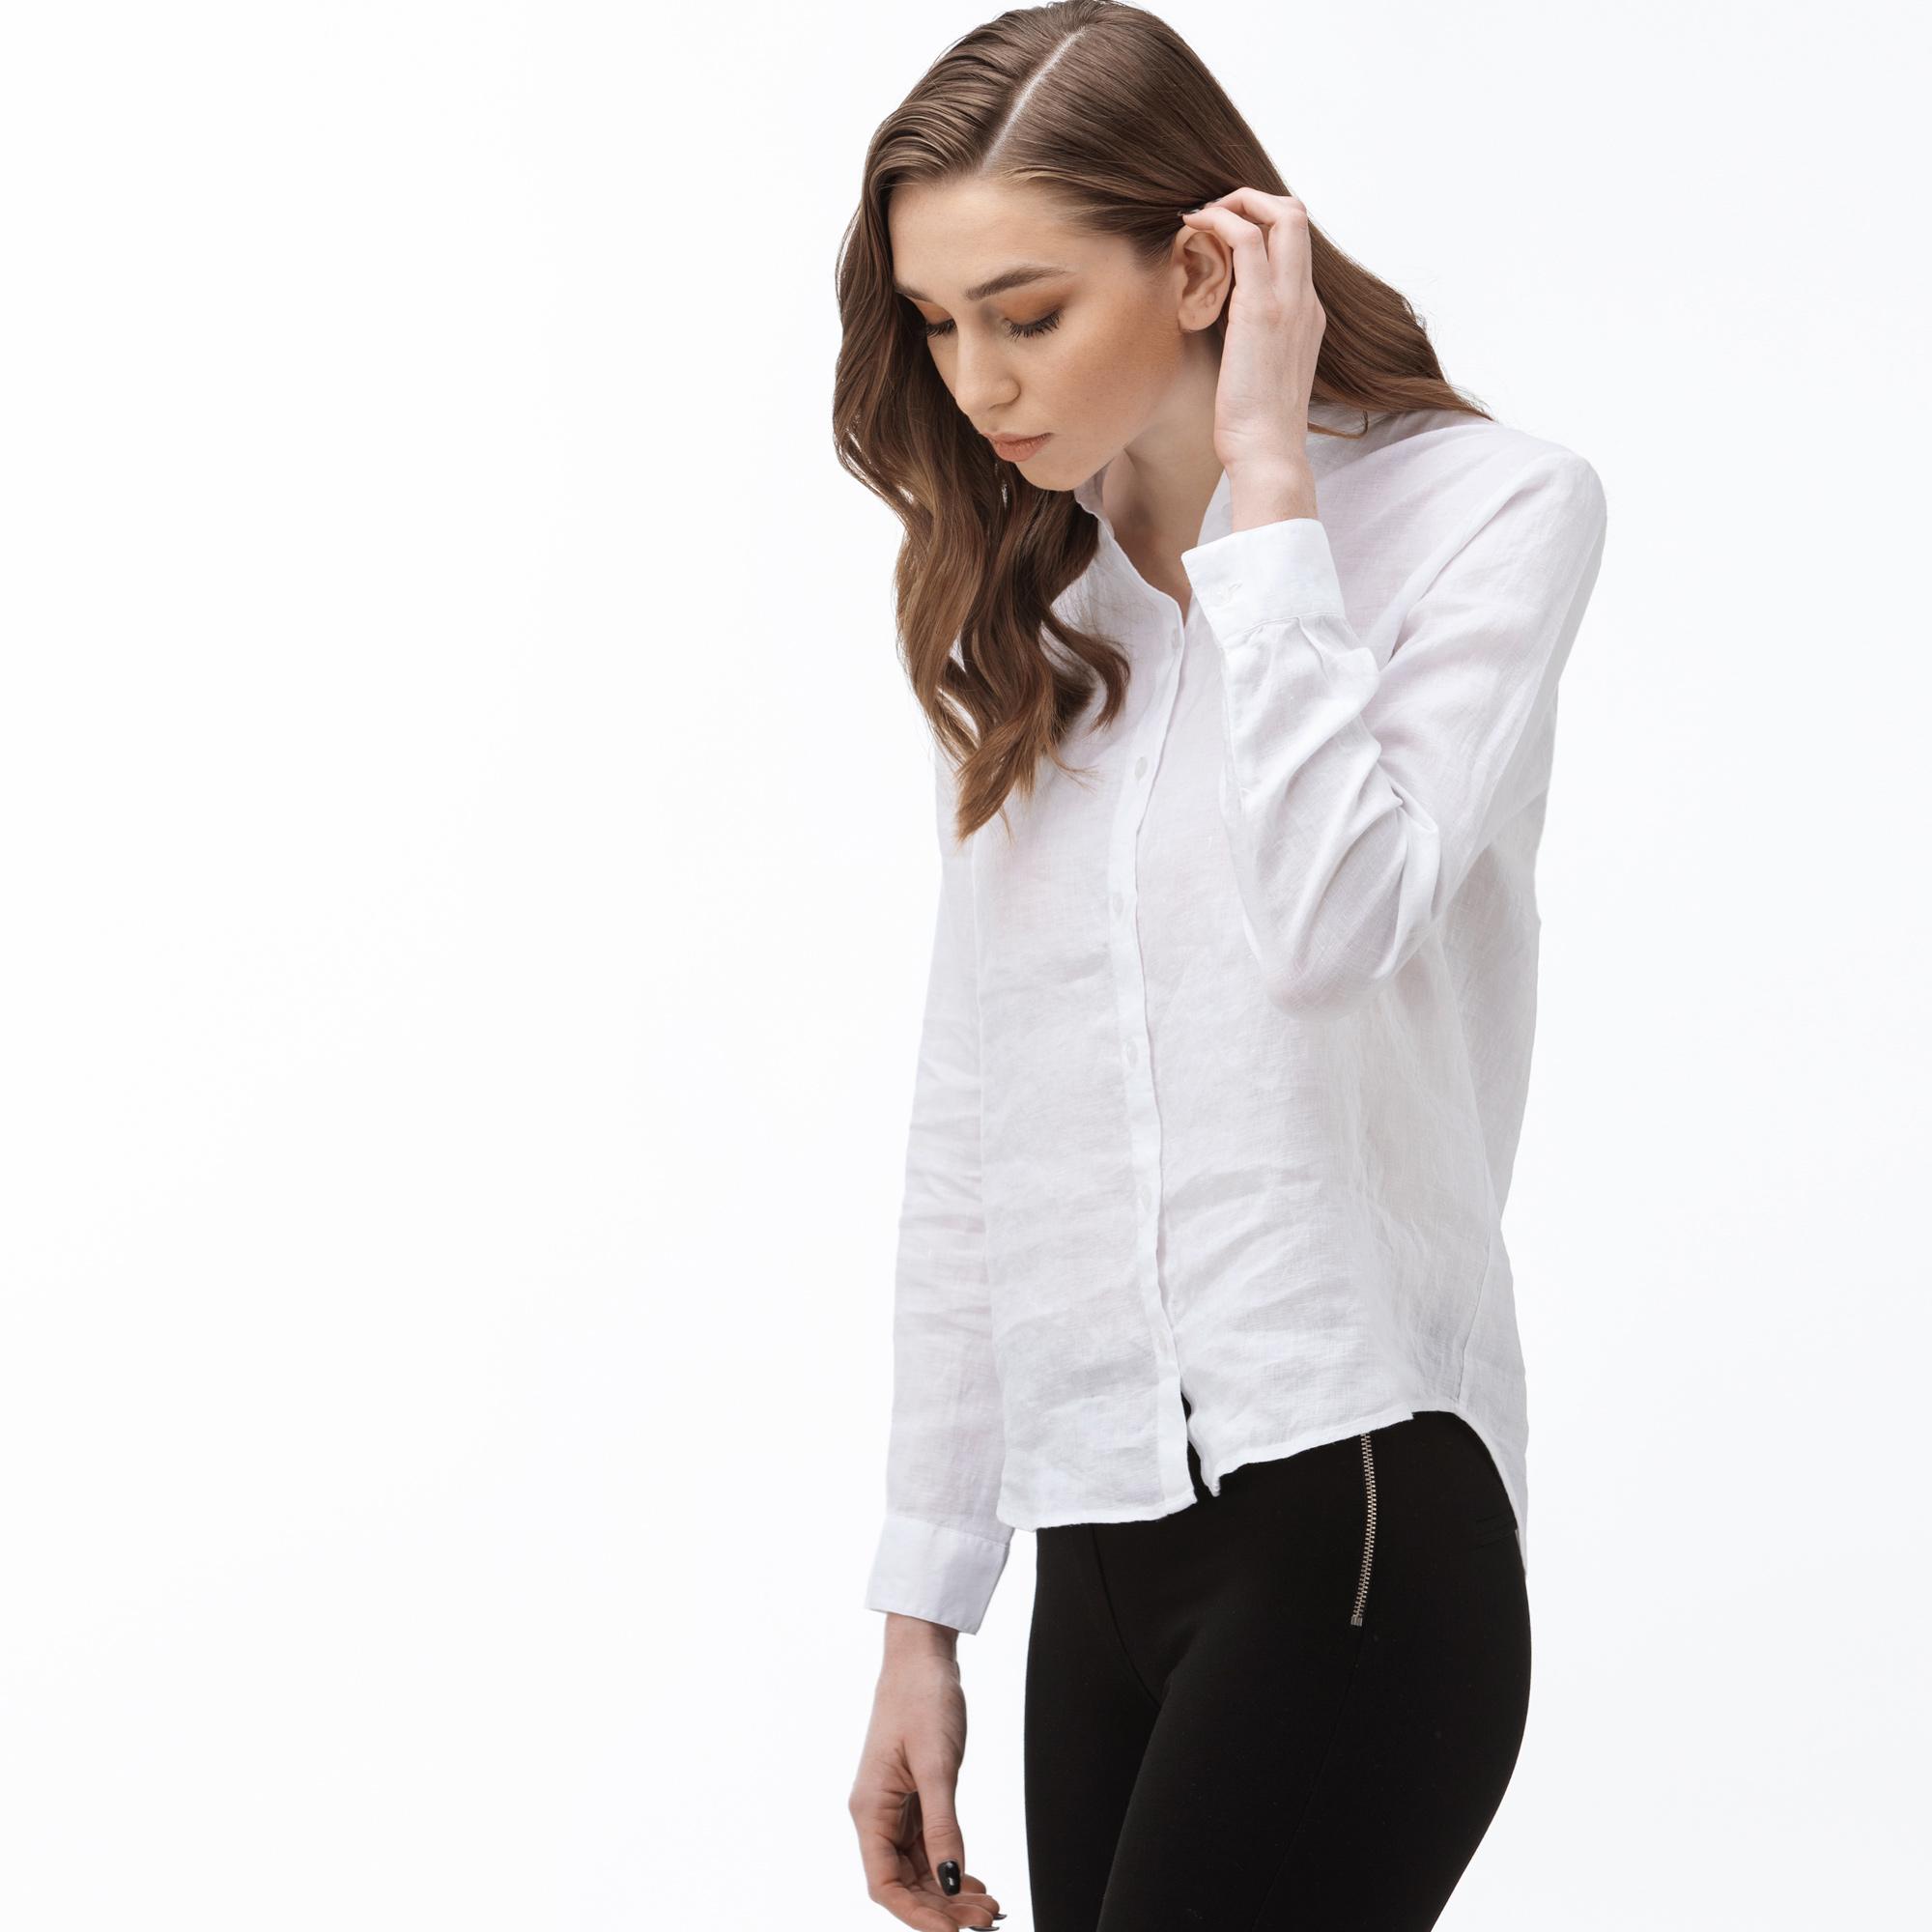 Lacoste Women's Stand-Up Collar Linen Shirt